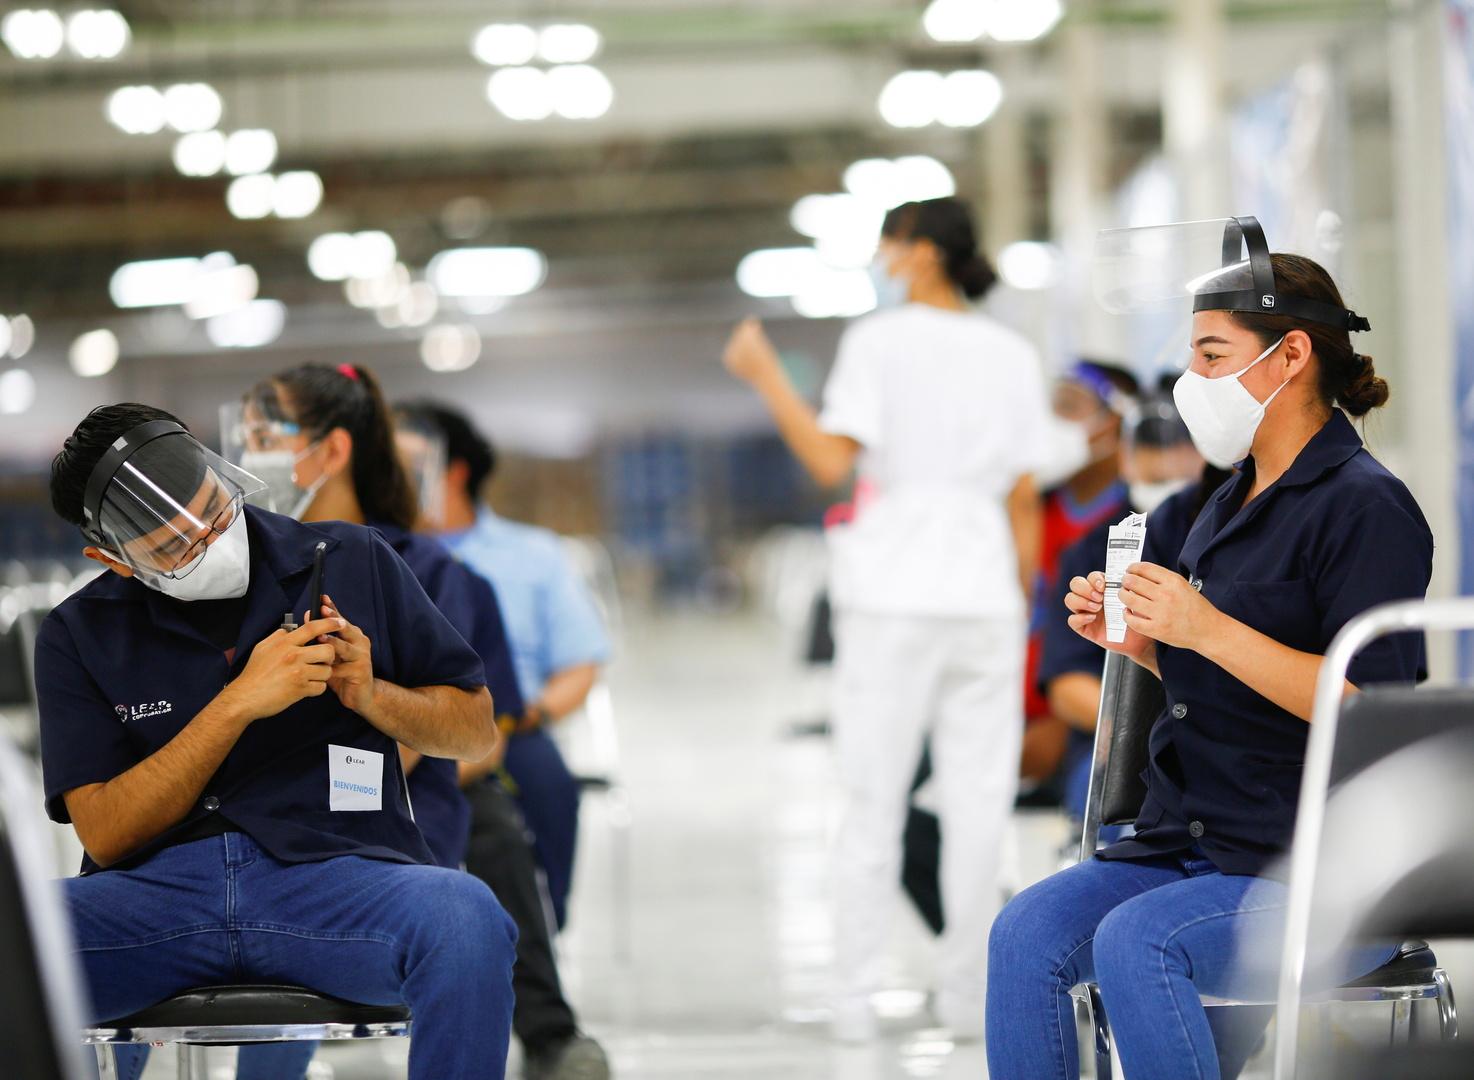 المكسيك تسجل 835 وفاة وأكثر من 11 ألف إصابة جديدة بفيروس كورونا